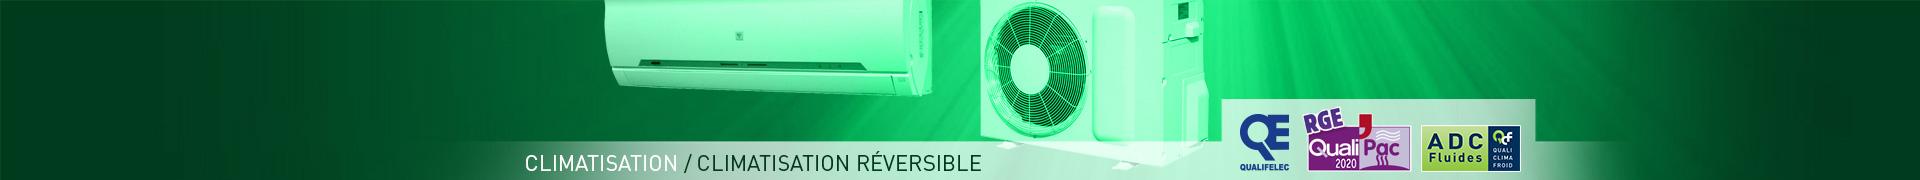 Veista, installateur climatisation, climatisation réversible, installateur pompe à chaleur, Nantes, La Baule, Guérande, 44